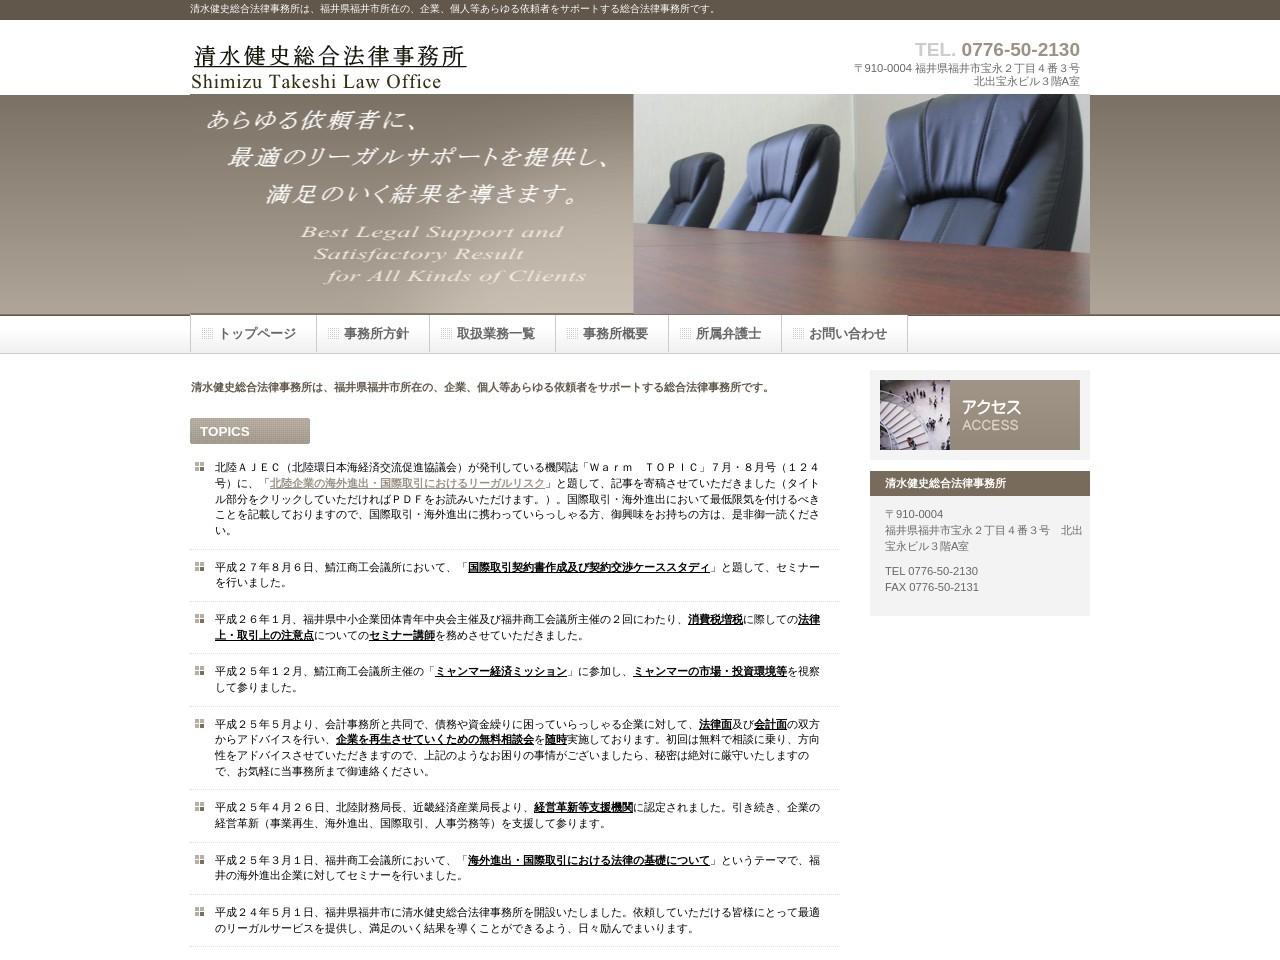 清水健史総合法律事務所